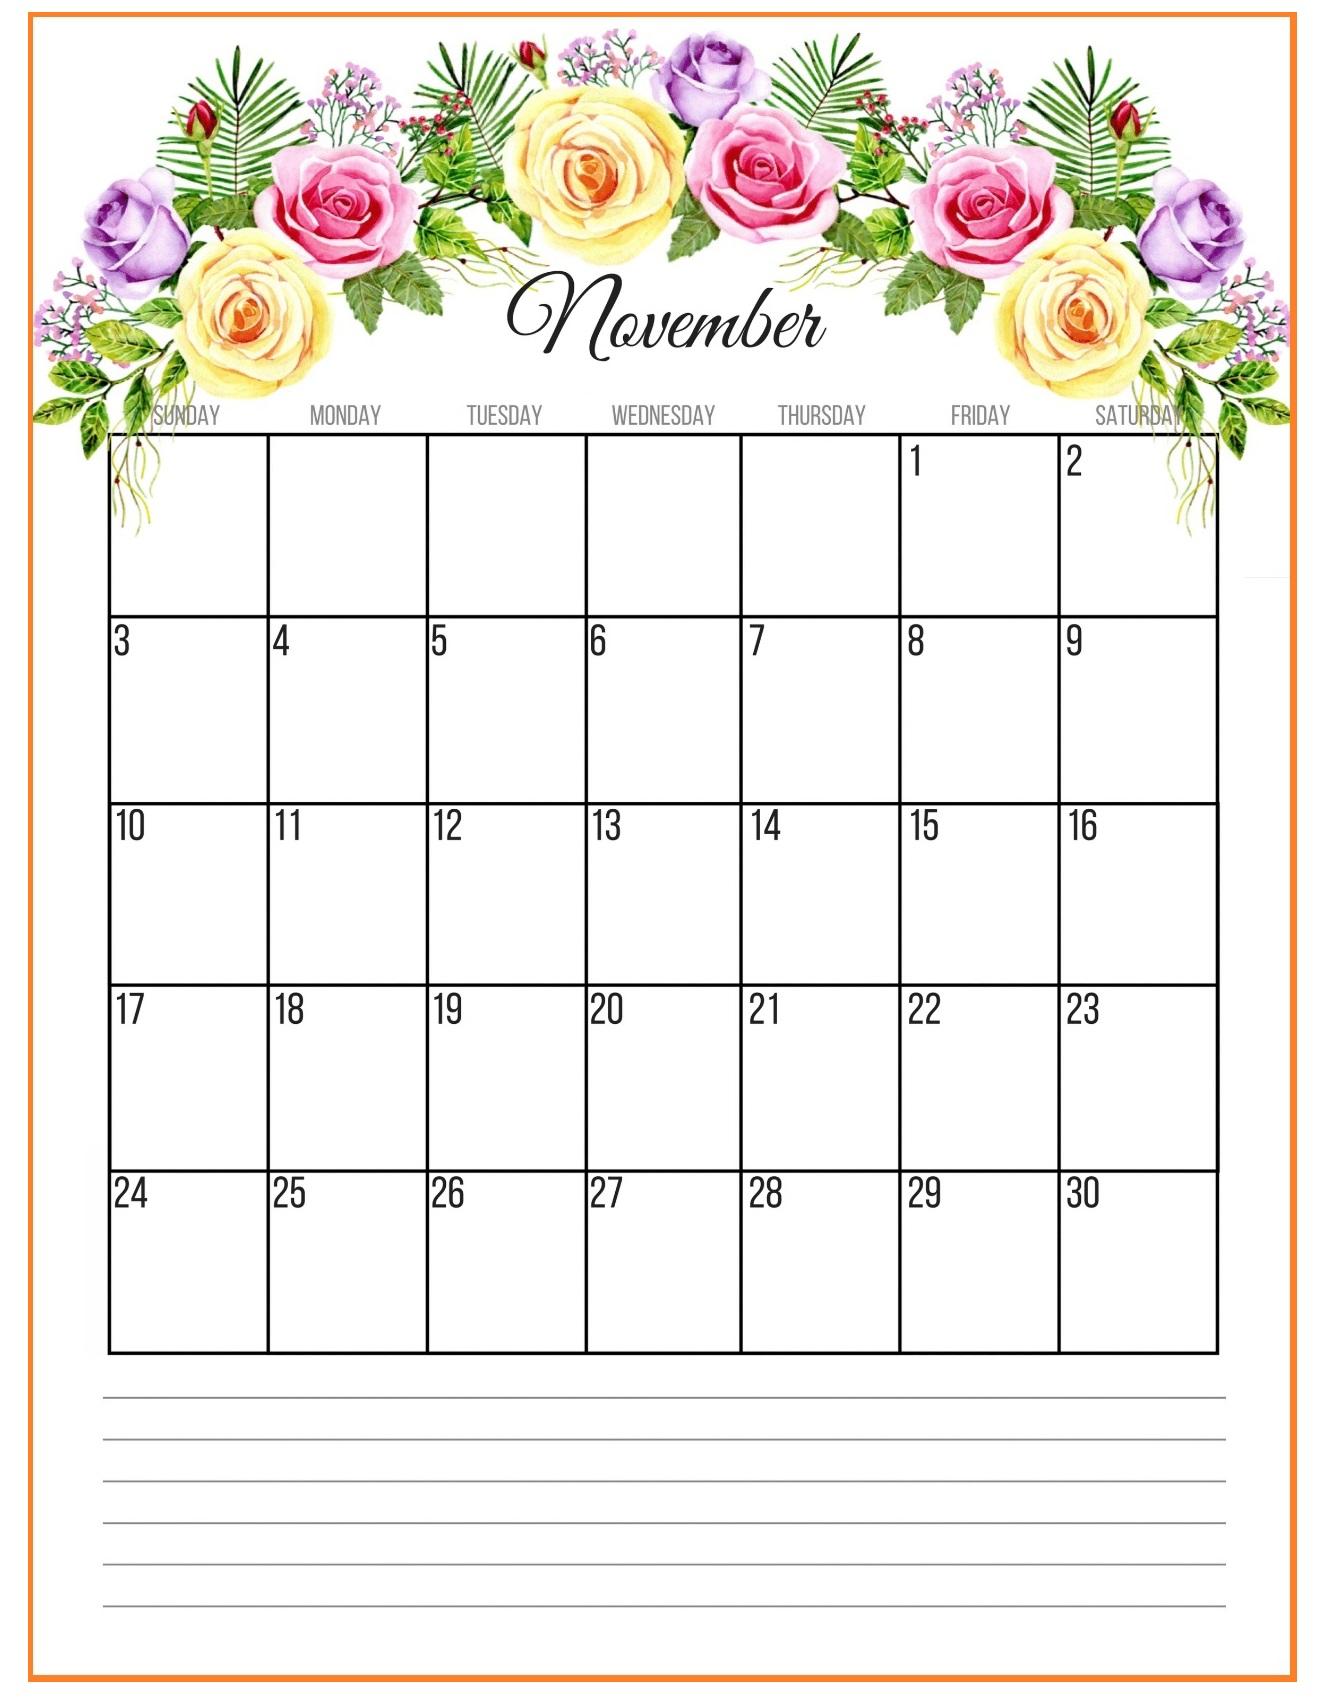 Best November 2019 Floral Calendar